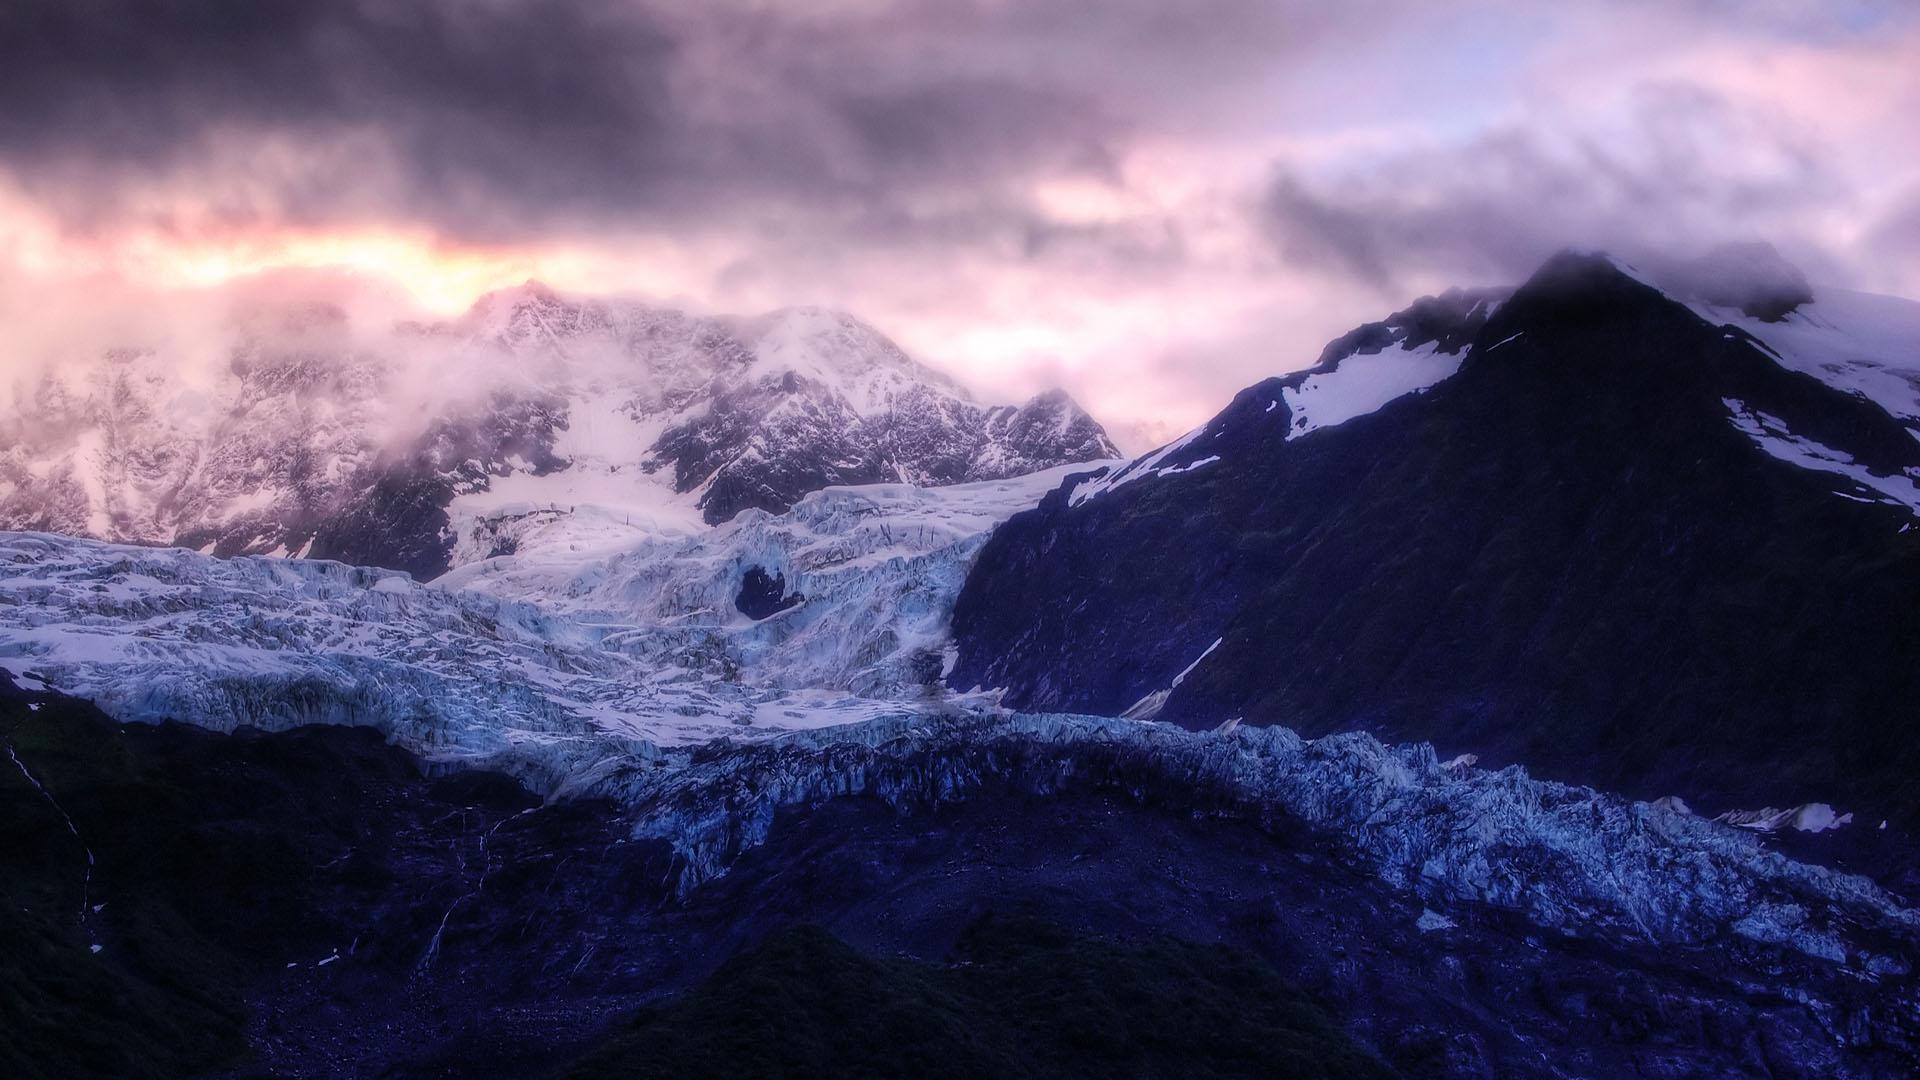 美丽的大自然风景图片高清桌面电脑壁纸